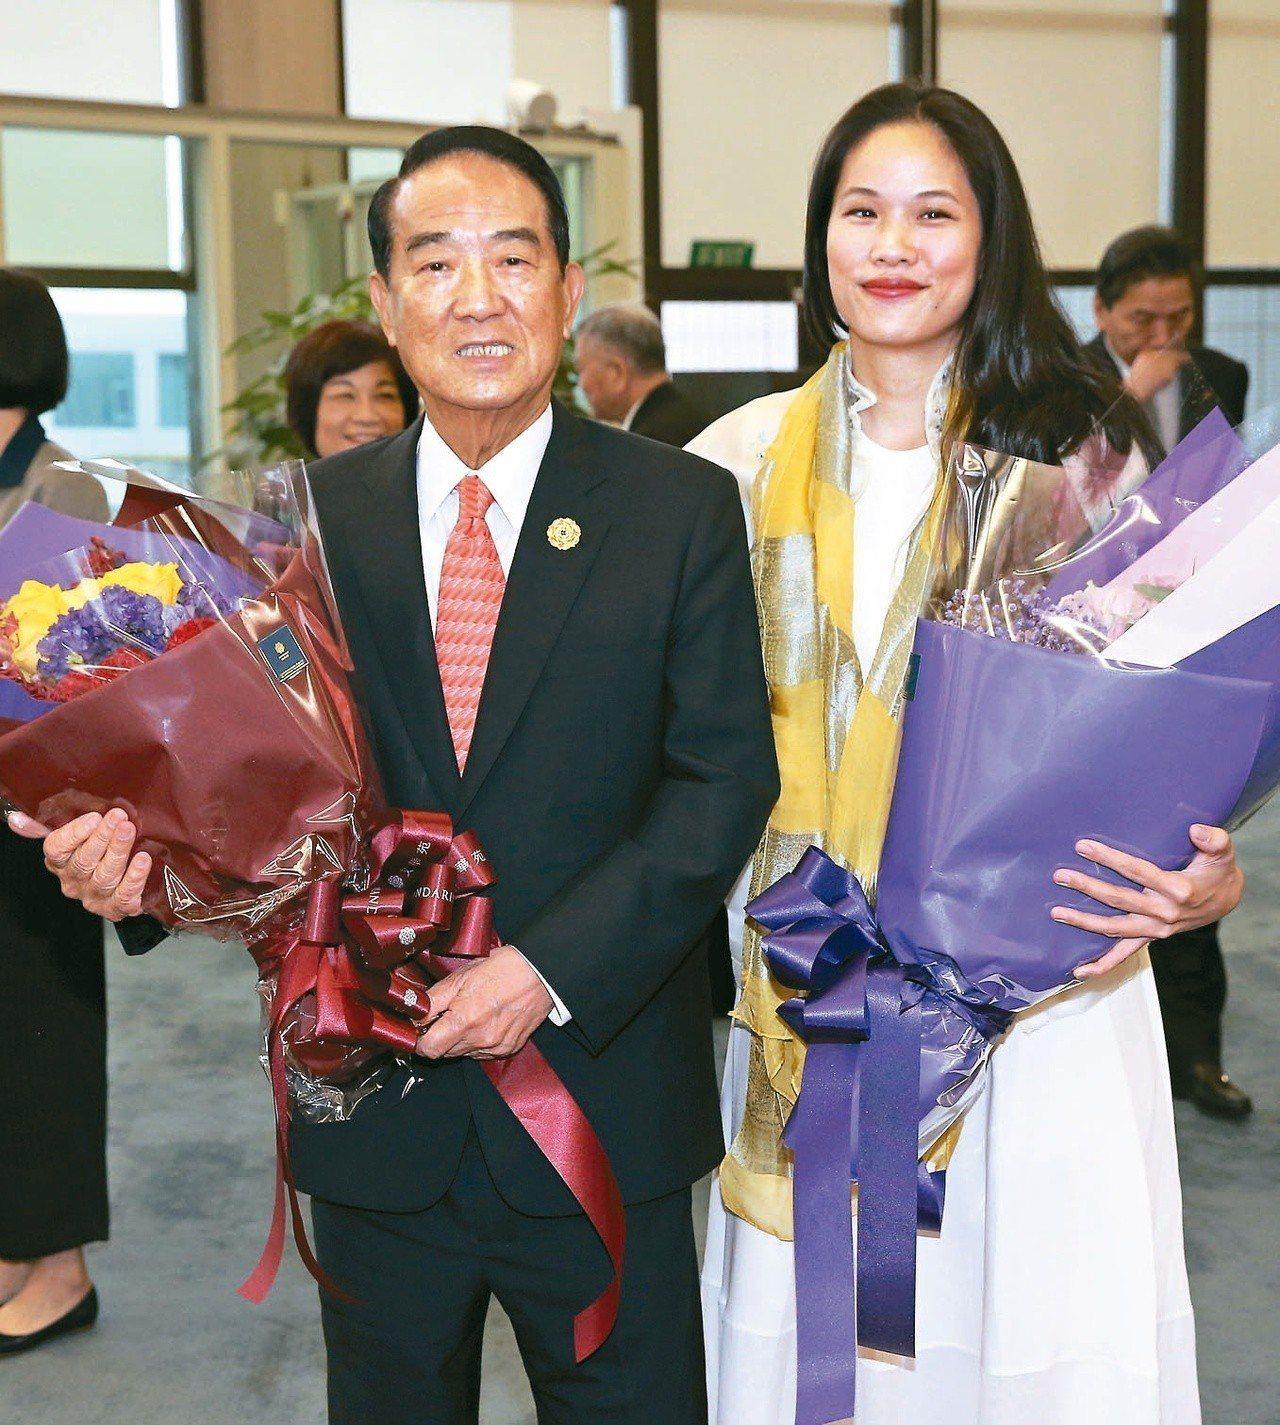 2017年我APEC領袖代表宋楚瑜(左)與女兒宋鎮邁(右)自越南峴港搭乘專機返抵...